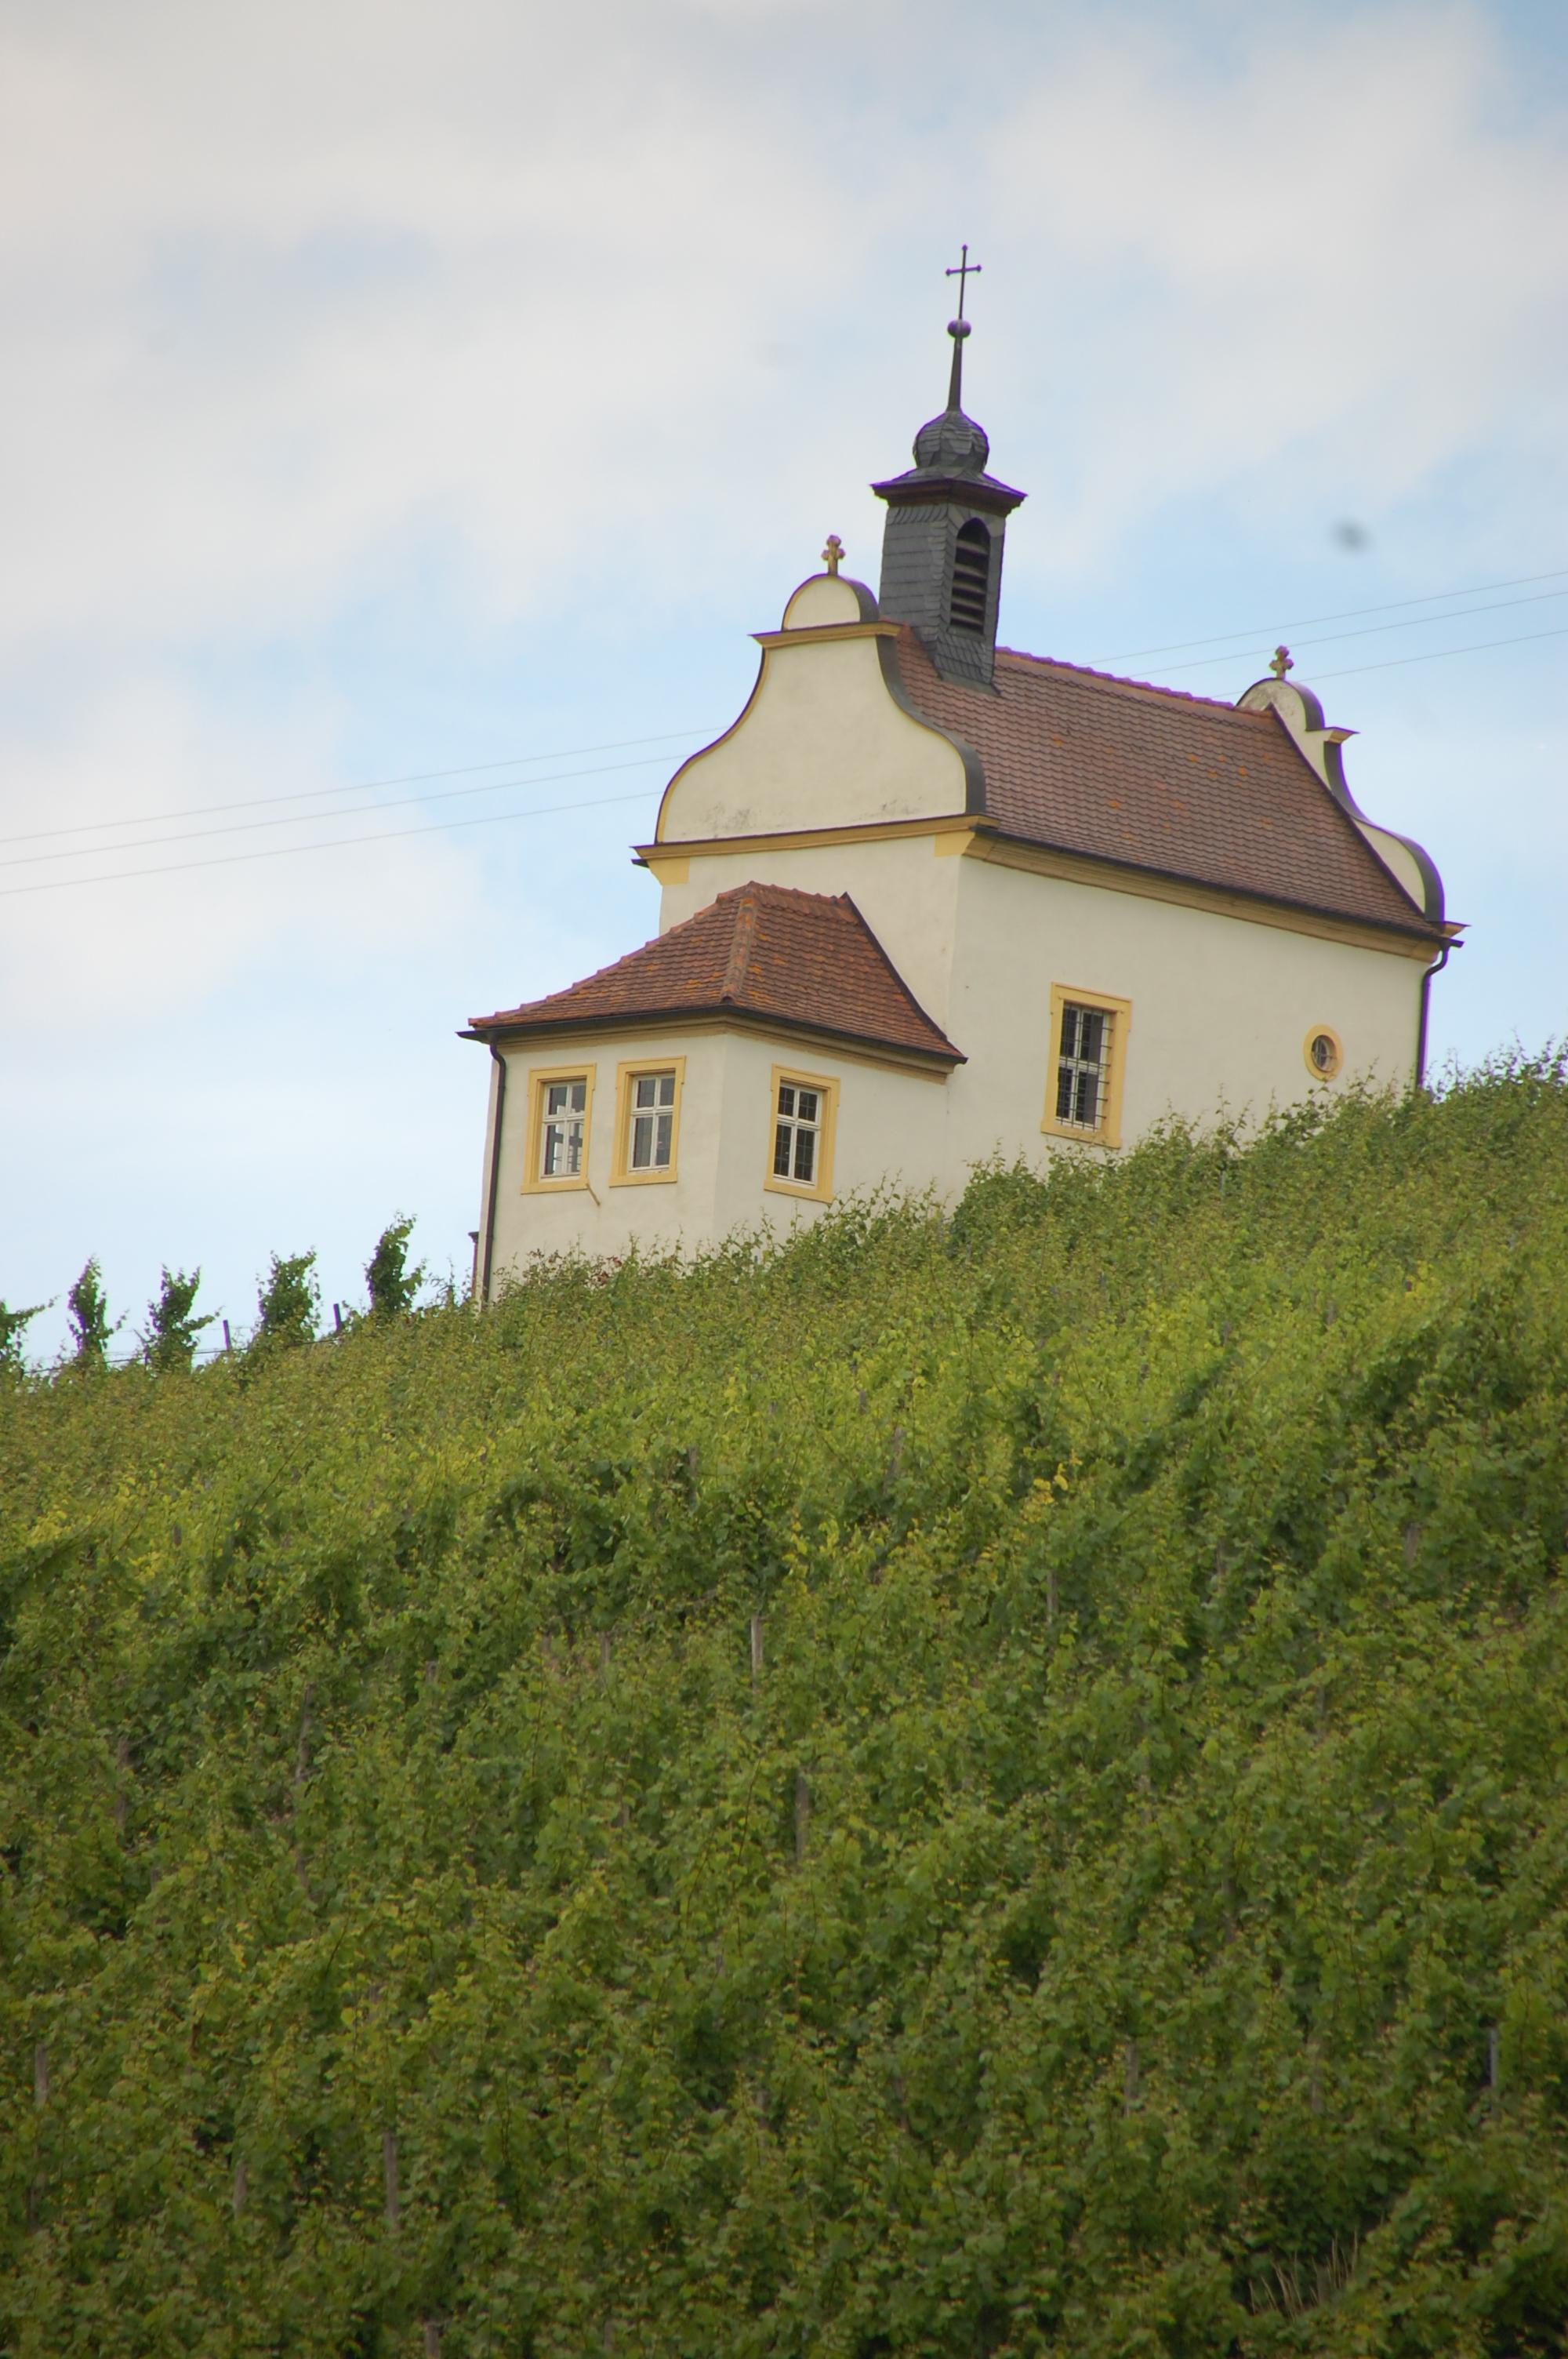 Frickenhausen Kapelle im Kapellenberg